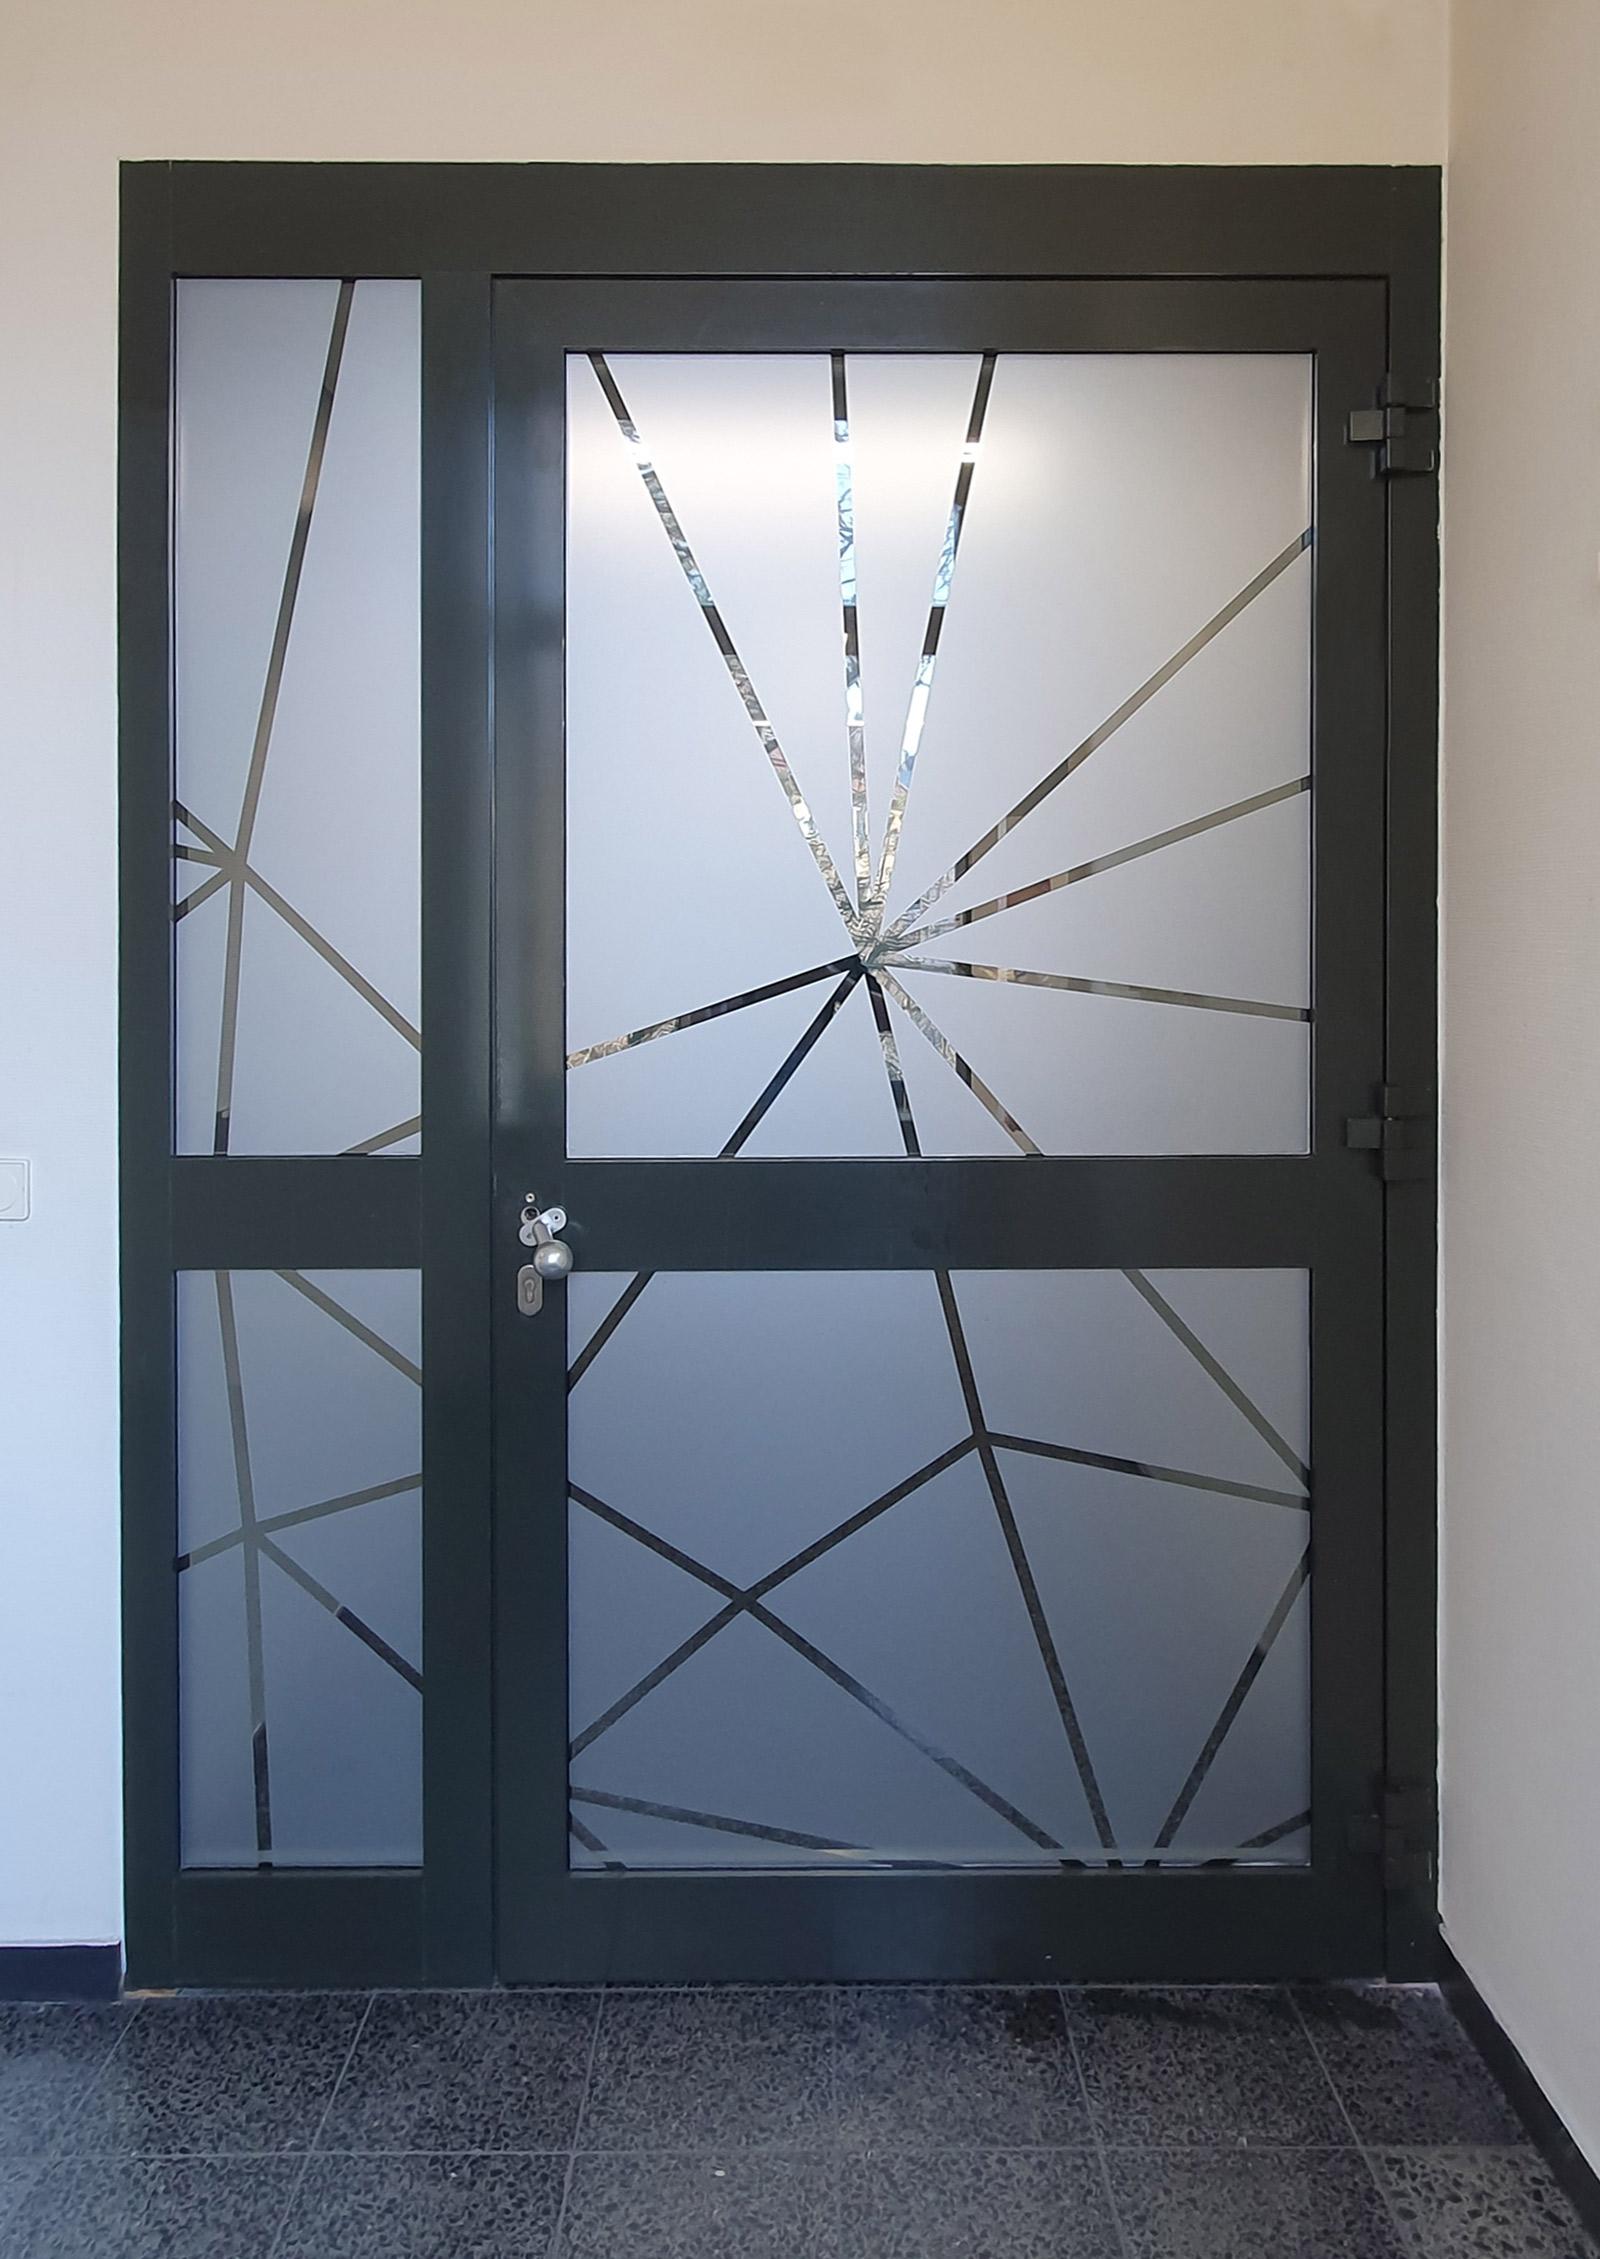 Weitere Netzgrafik aus Glasdekor als Sicht- und Durchlaufschutz